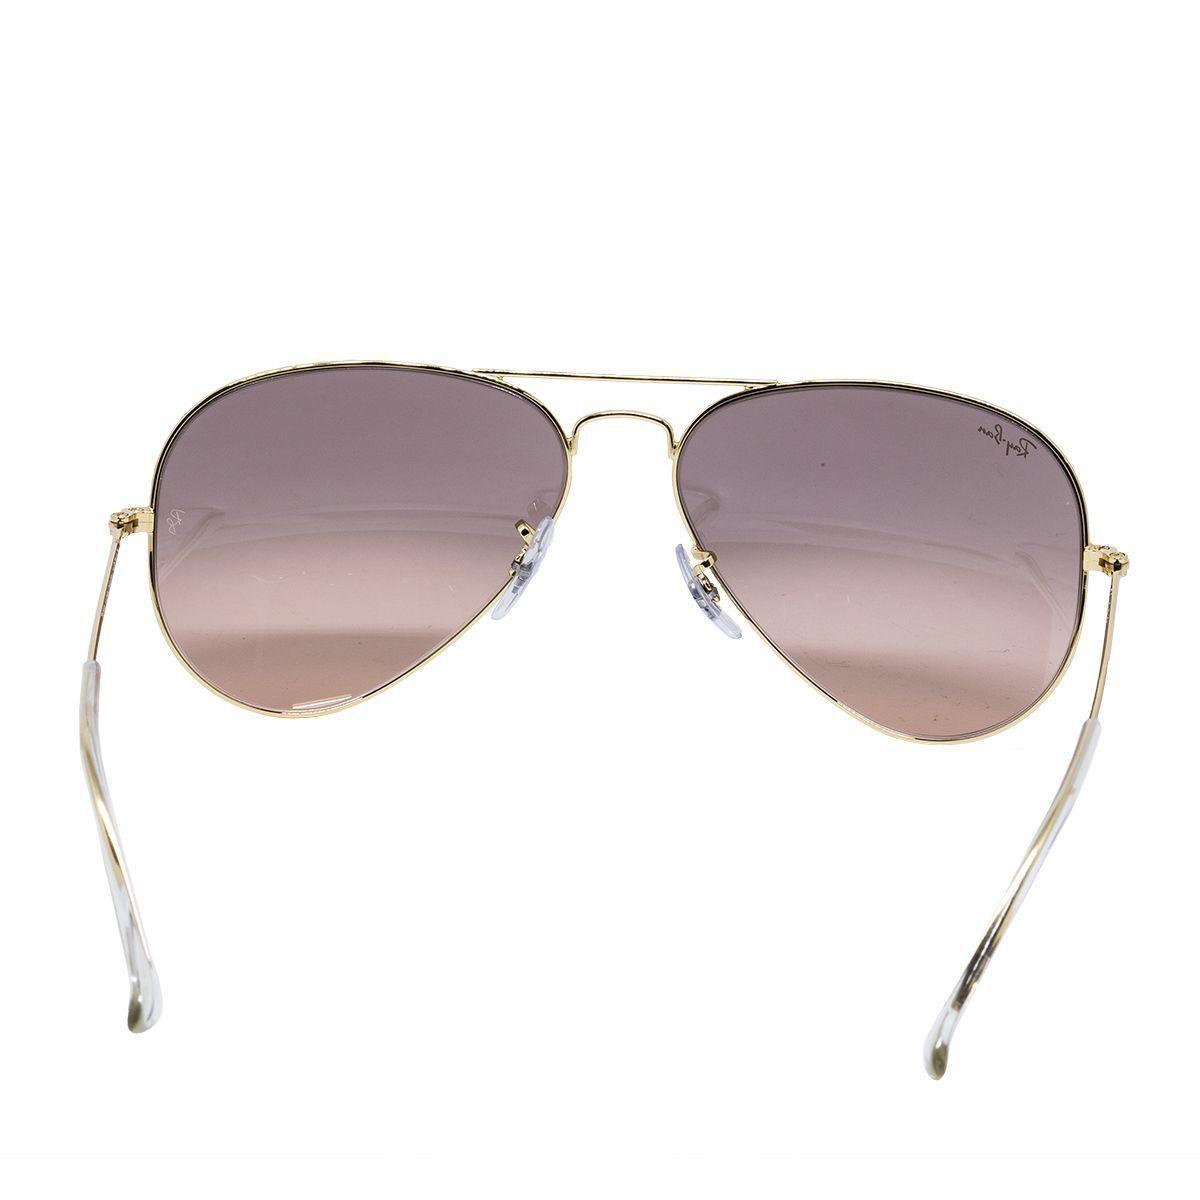 c43fcaa479596 Óculos de Sol Aviador Large Metal RB3025L - Metal Dourado, Lente Rosa - Ray  ban R  559,00 à vista. Adicionar à sacola